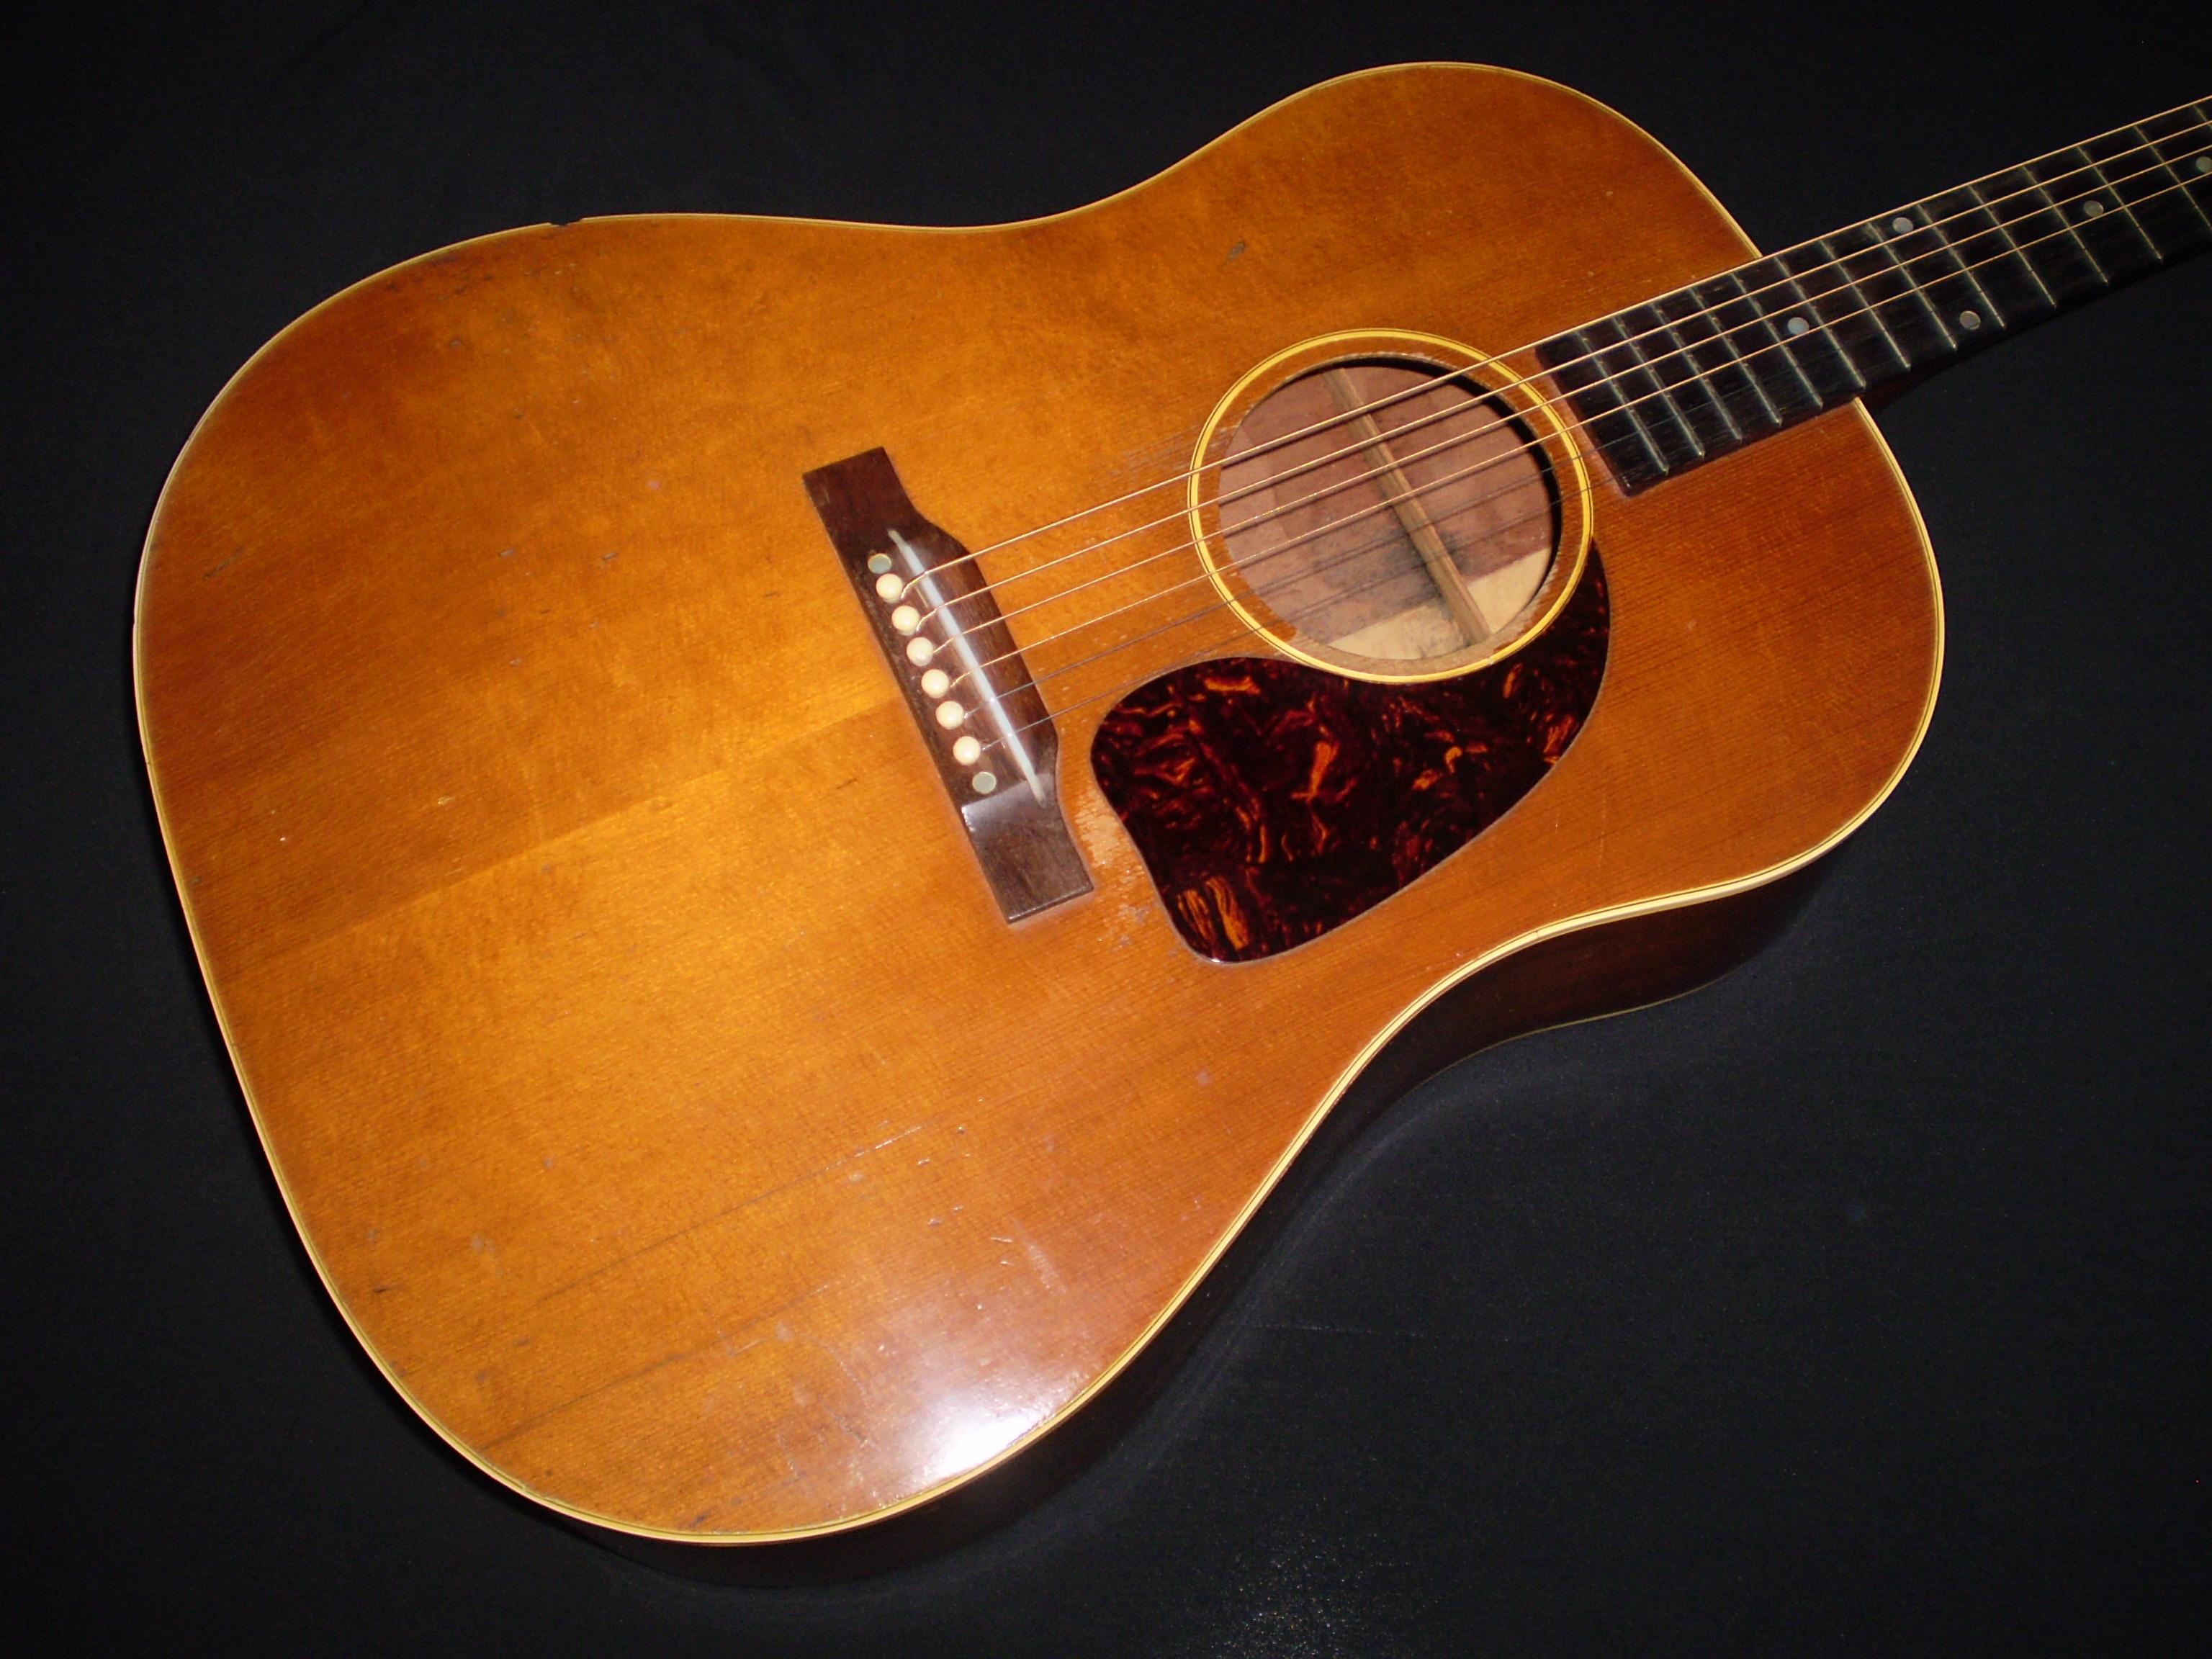 gibson j50 1952 natural guitar for sale glenns guitars. Black Bedroom Furniture Sets. Home Design Ideas